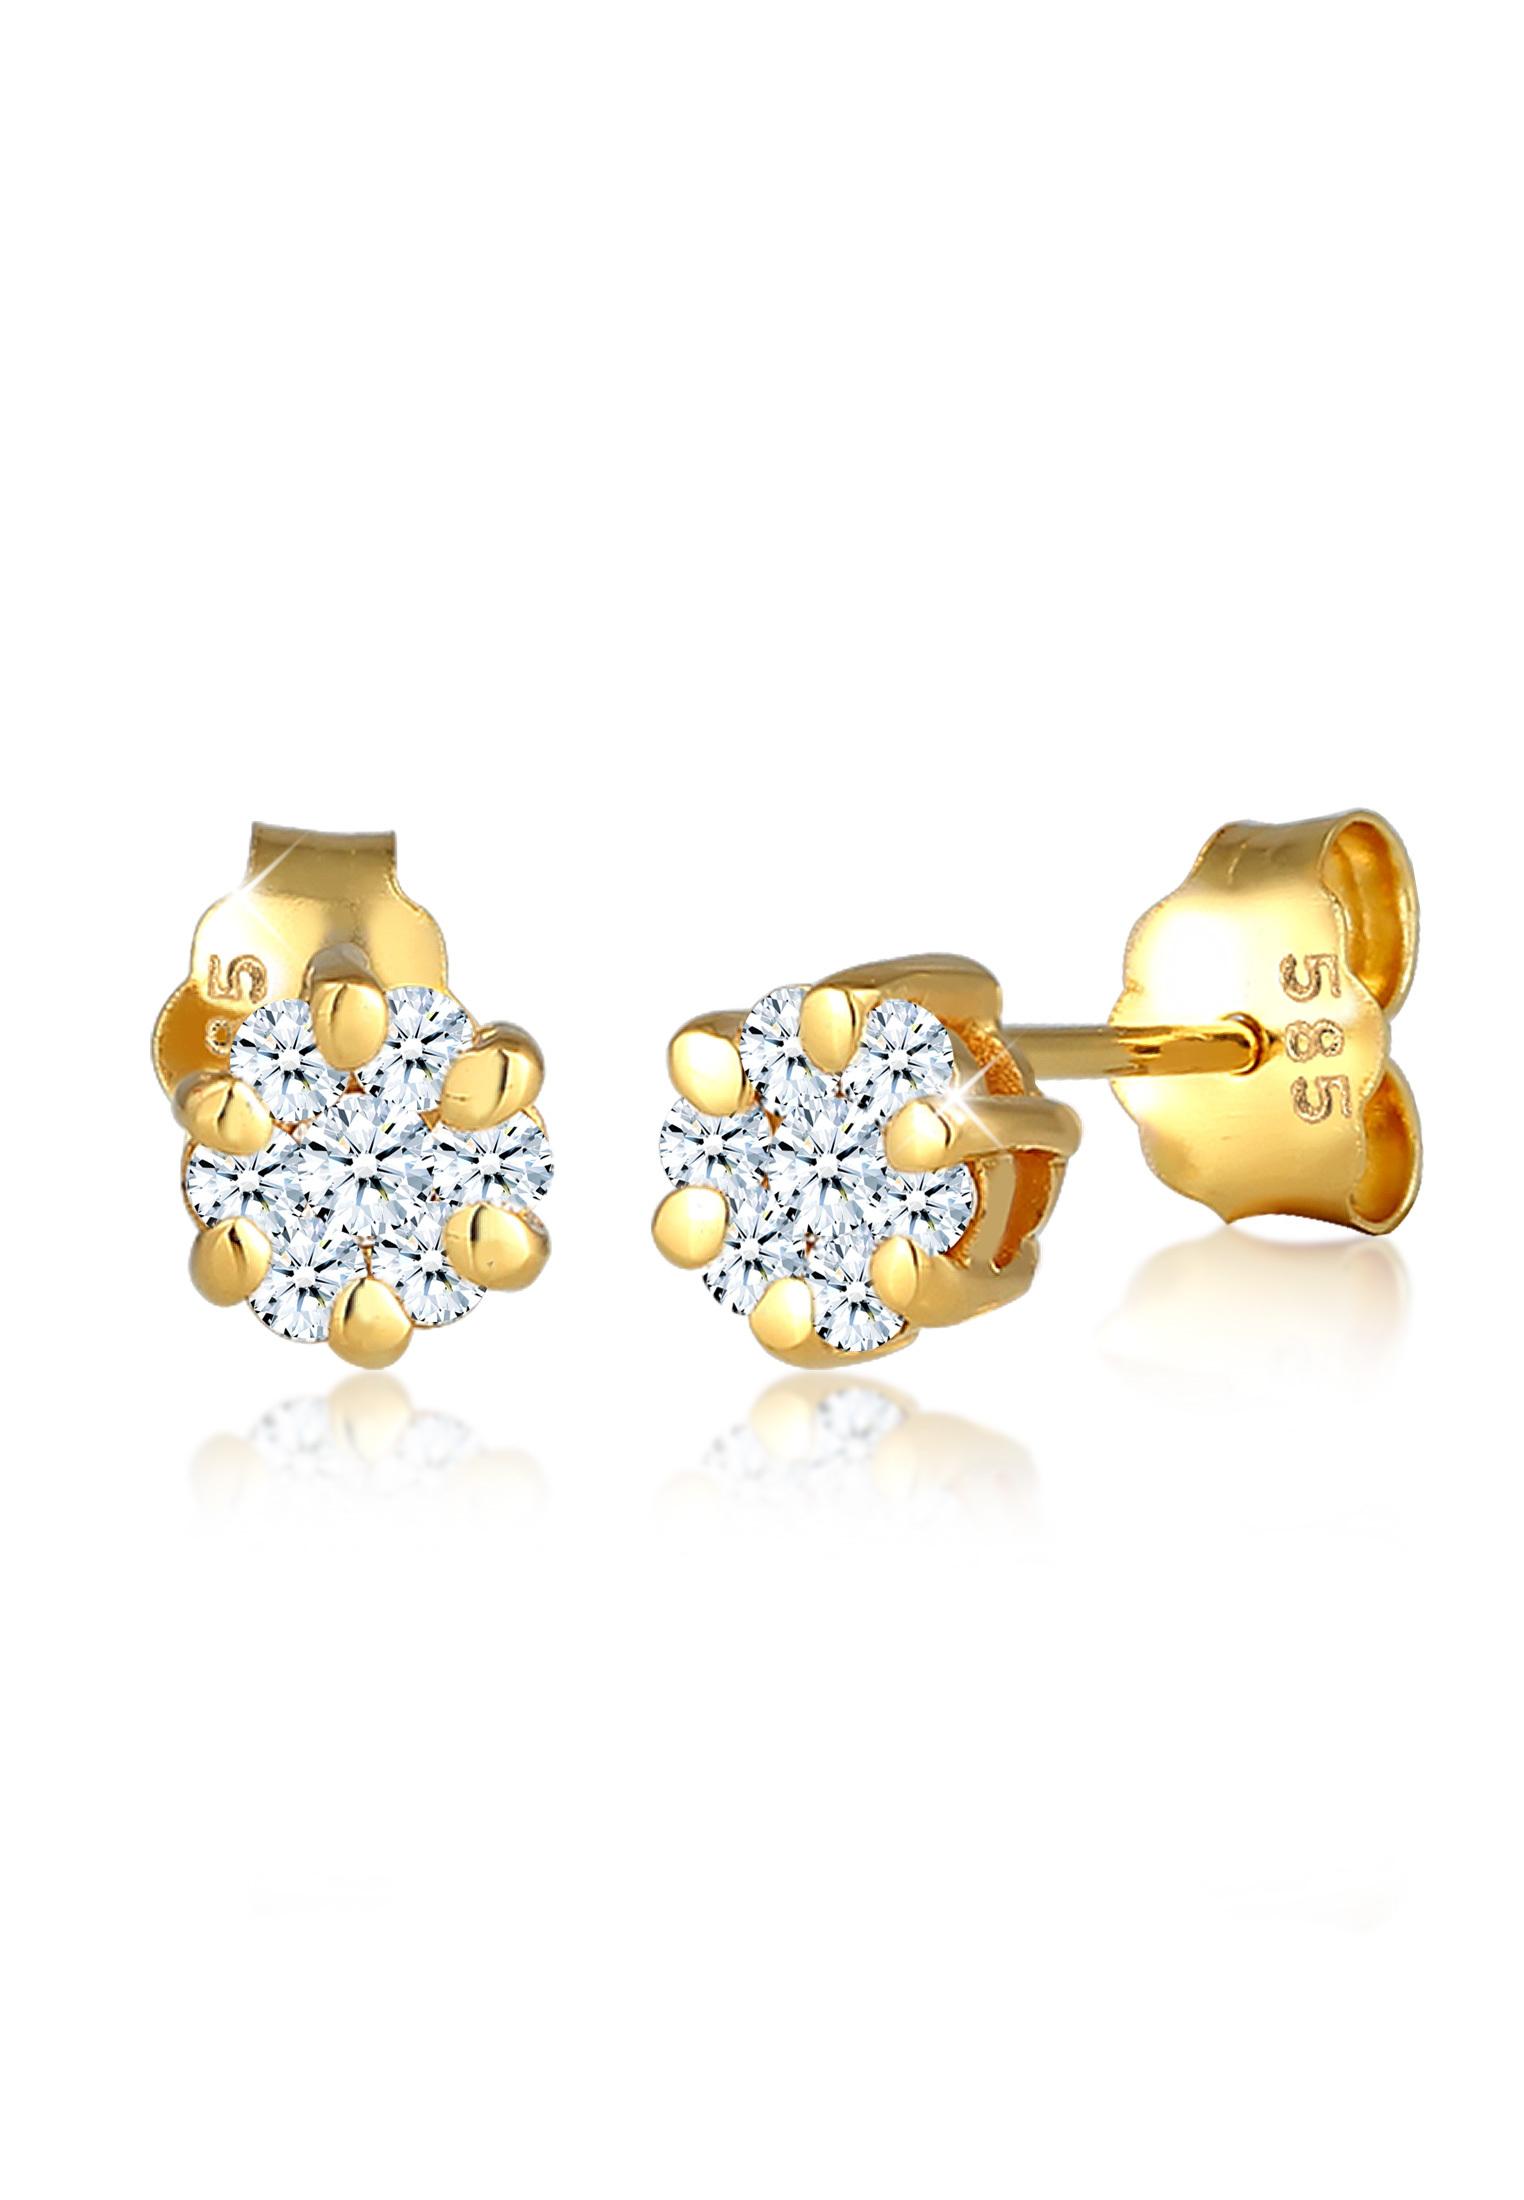 Ohrstecker | Diamant ( Weiß, 0,24 ct ) | 585 Gelbgold